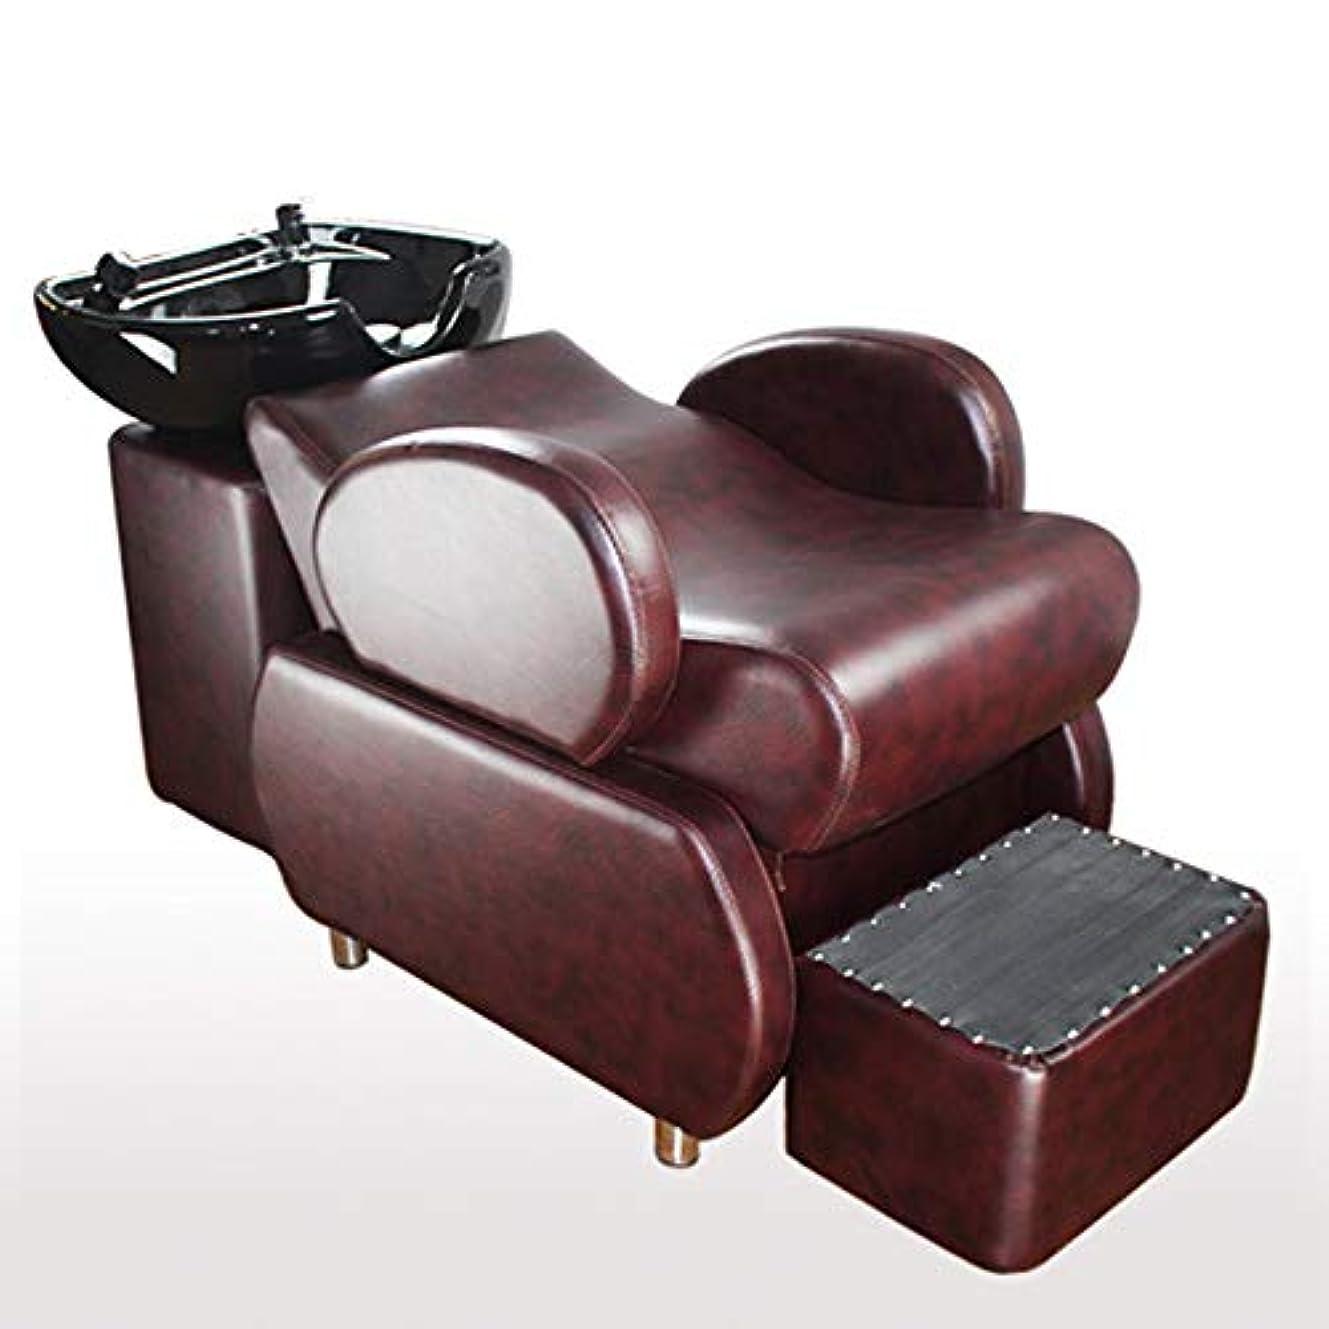 トイレ乱用野生シャンプー椅子、逆洗ユニットシャンプーボウル理髪シンク椅子半横たわっているシャンプーベッドスパ美容院機器